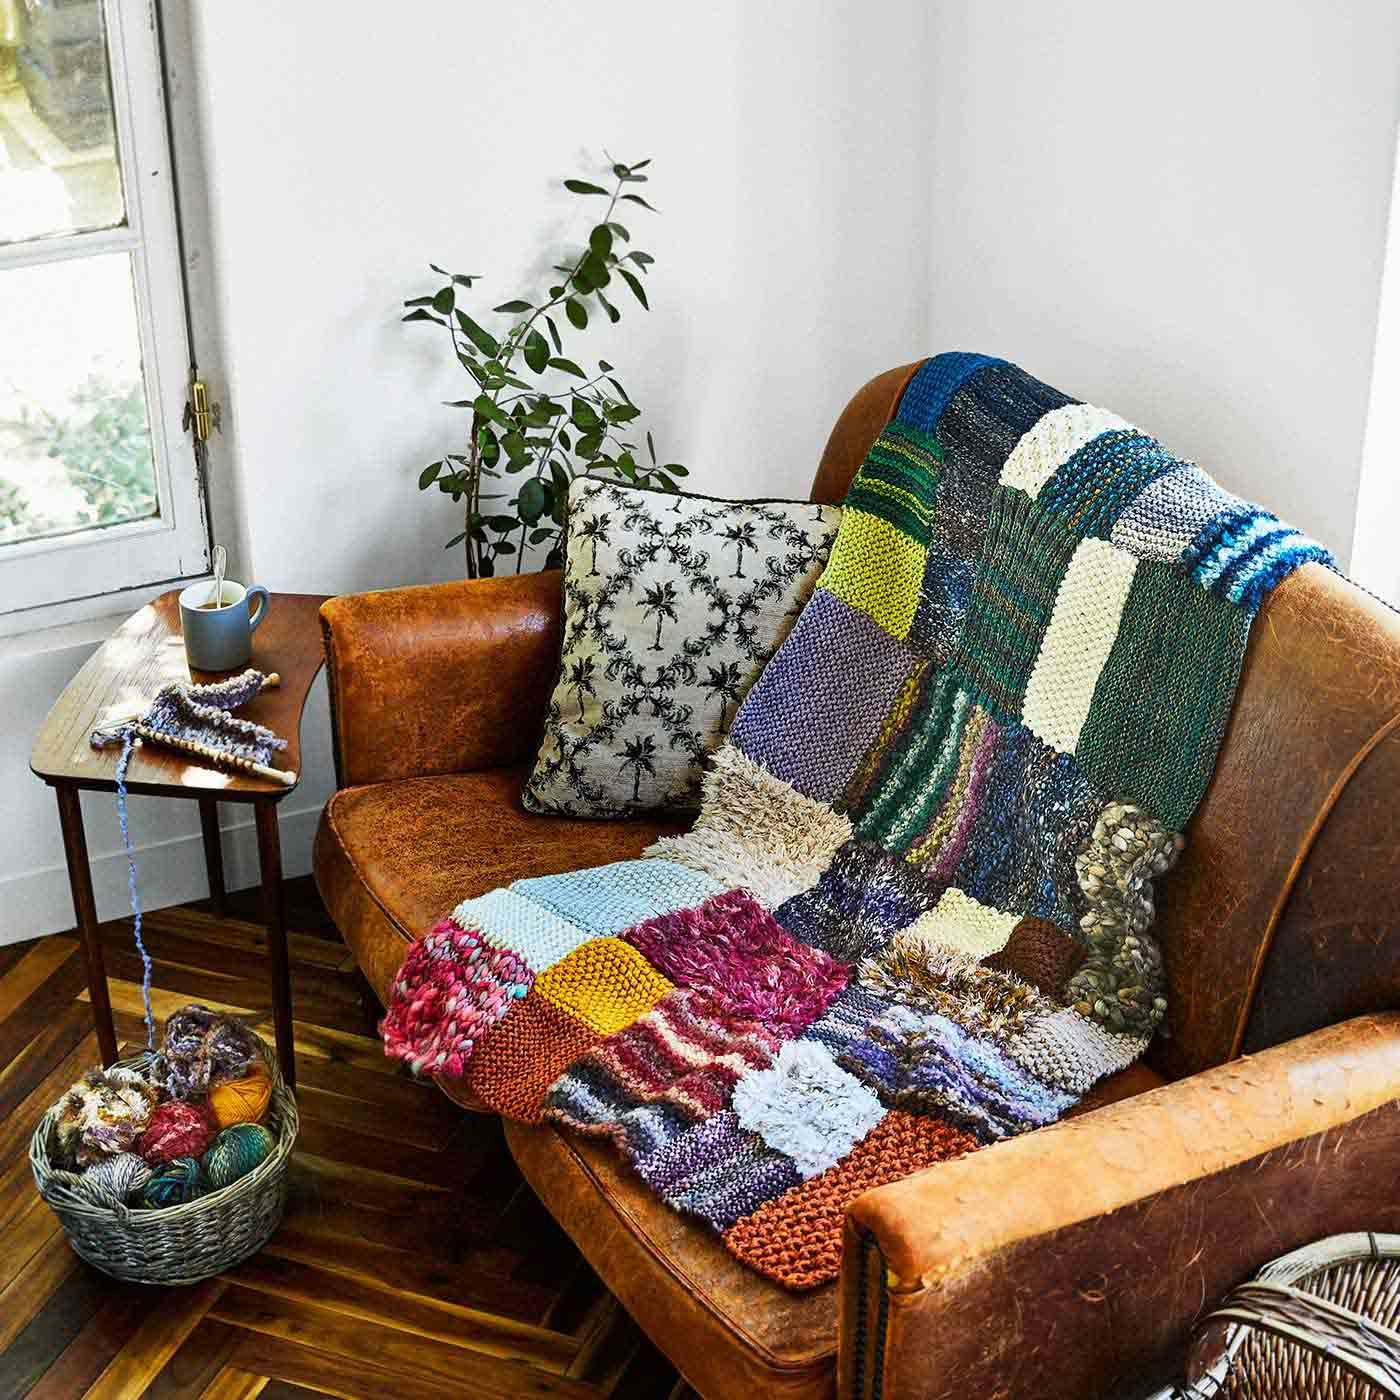 変わり糸でまっすぐ編んでつなげよう 棒針パッチワーク風編み物の会